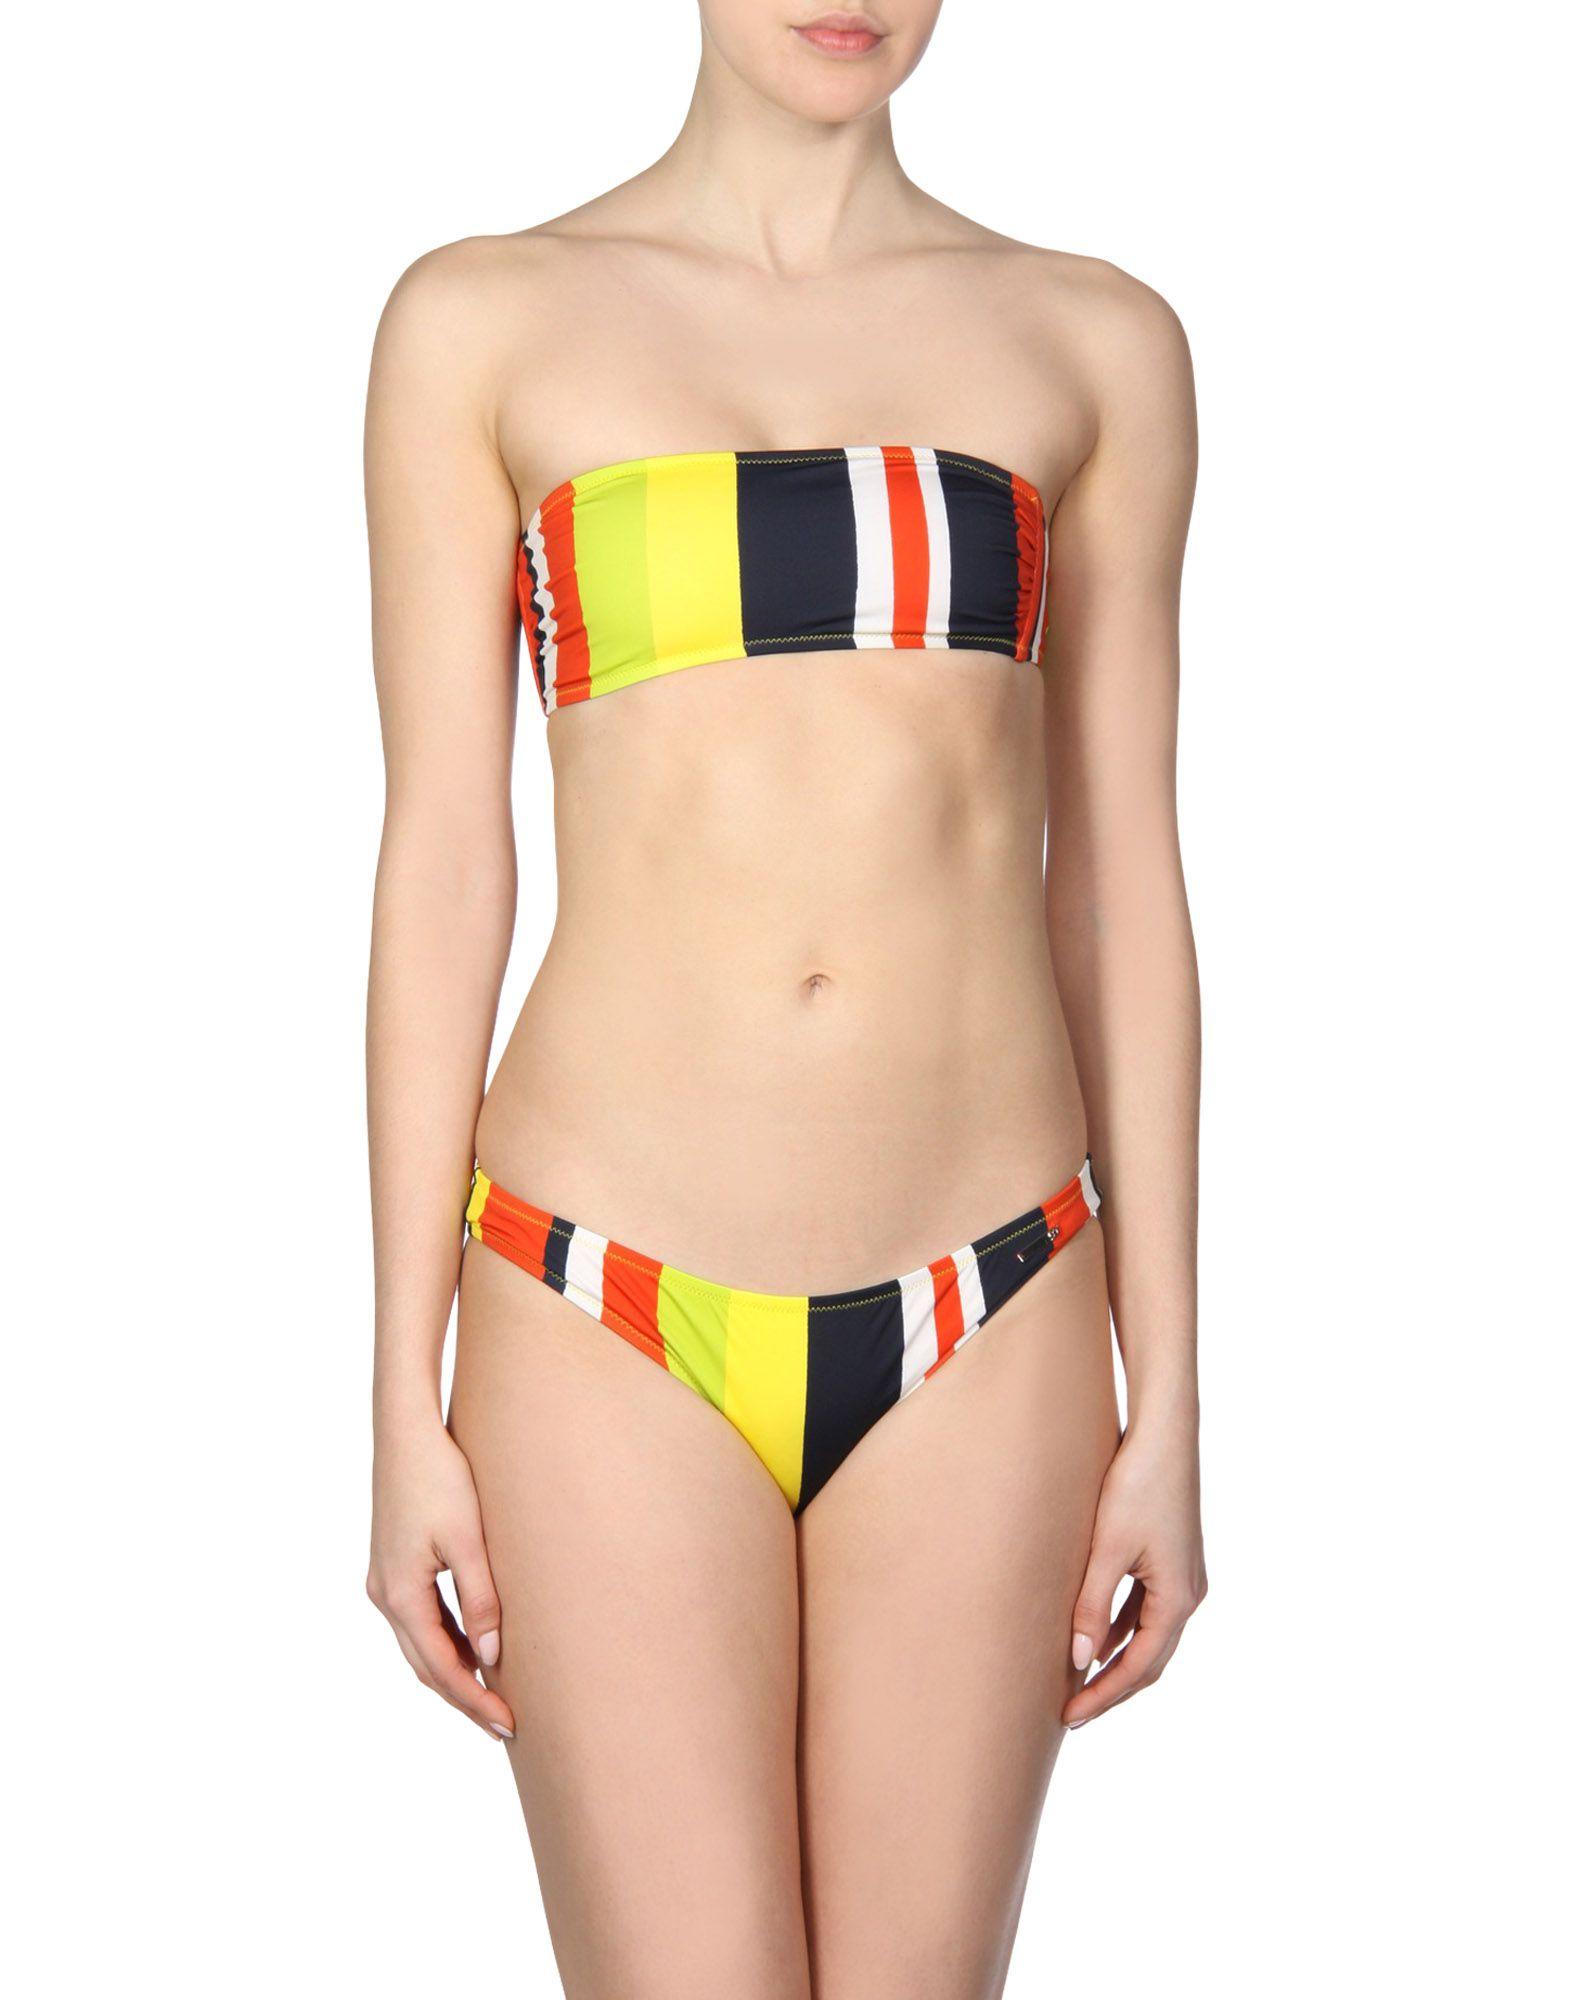 DSQUARED2 Купальный бюстгальтер купальный костюм vova купальники в стиле бандо